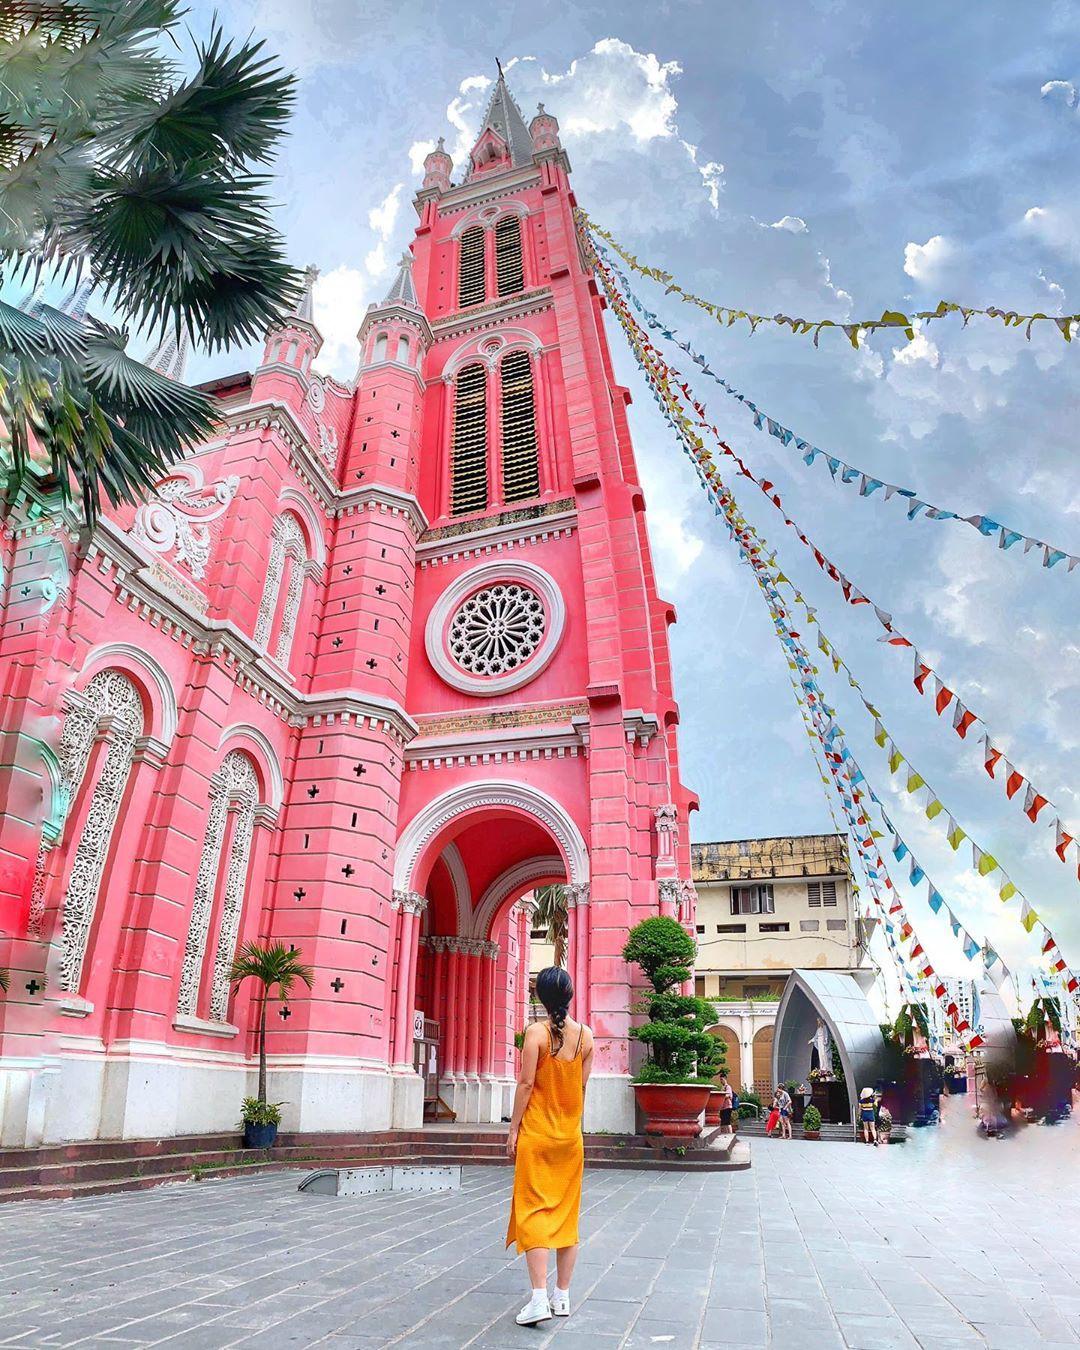 Vẻ đẹp của nhà thờ màu hồng nằm giữa lòng Sài Gòn khiến du khách mê mẩn - Ảnh 9.